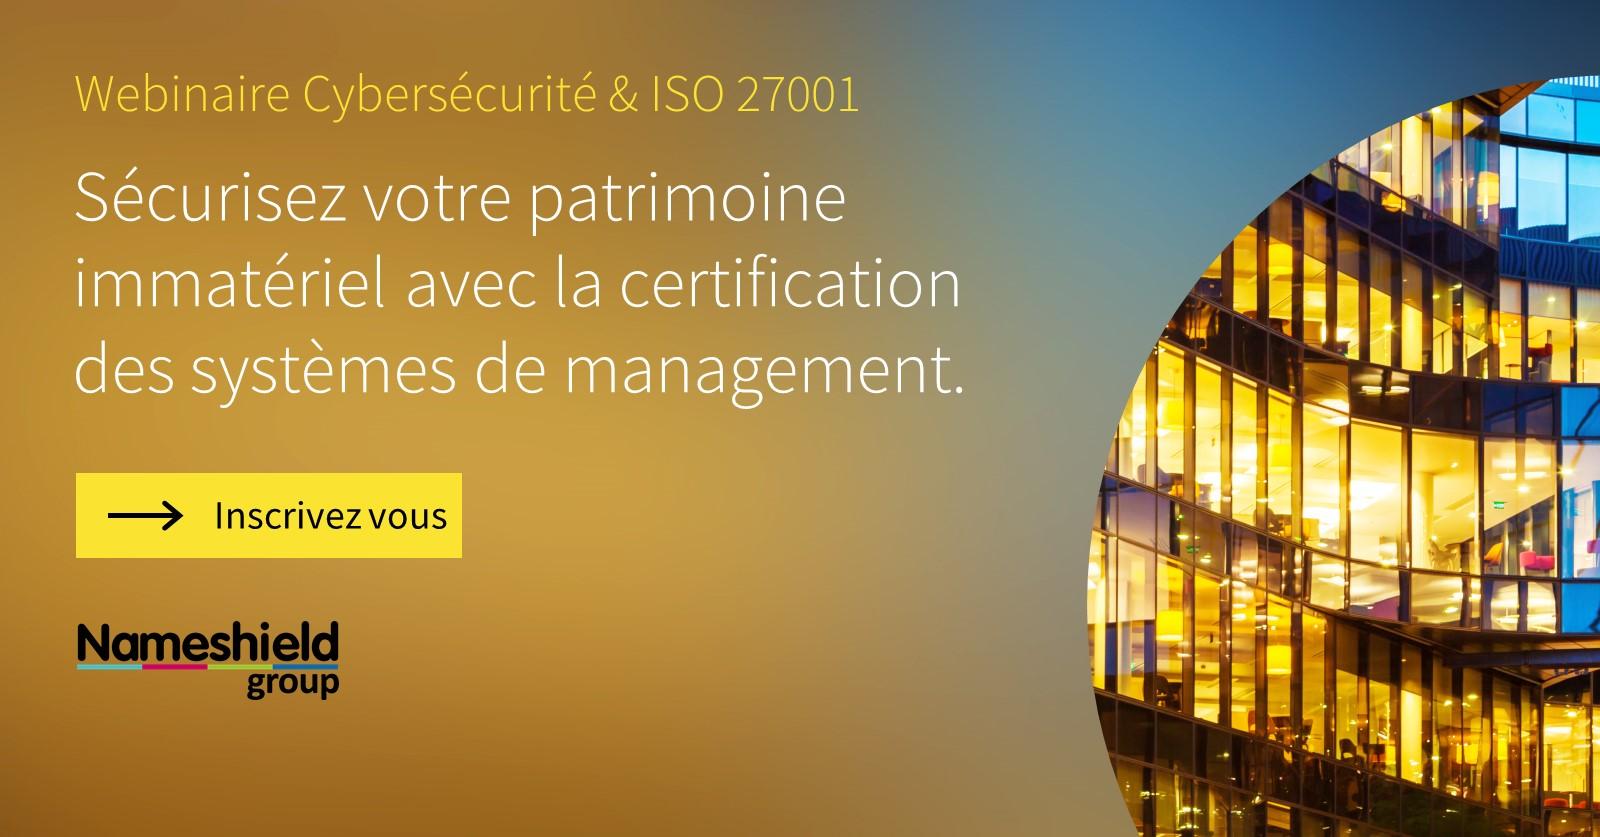 Webinaire Cybersécurité & ISO 27001